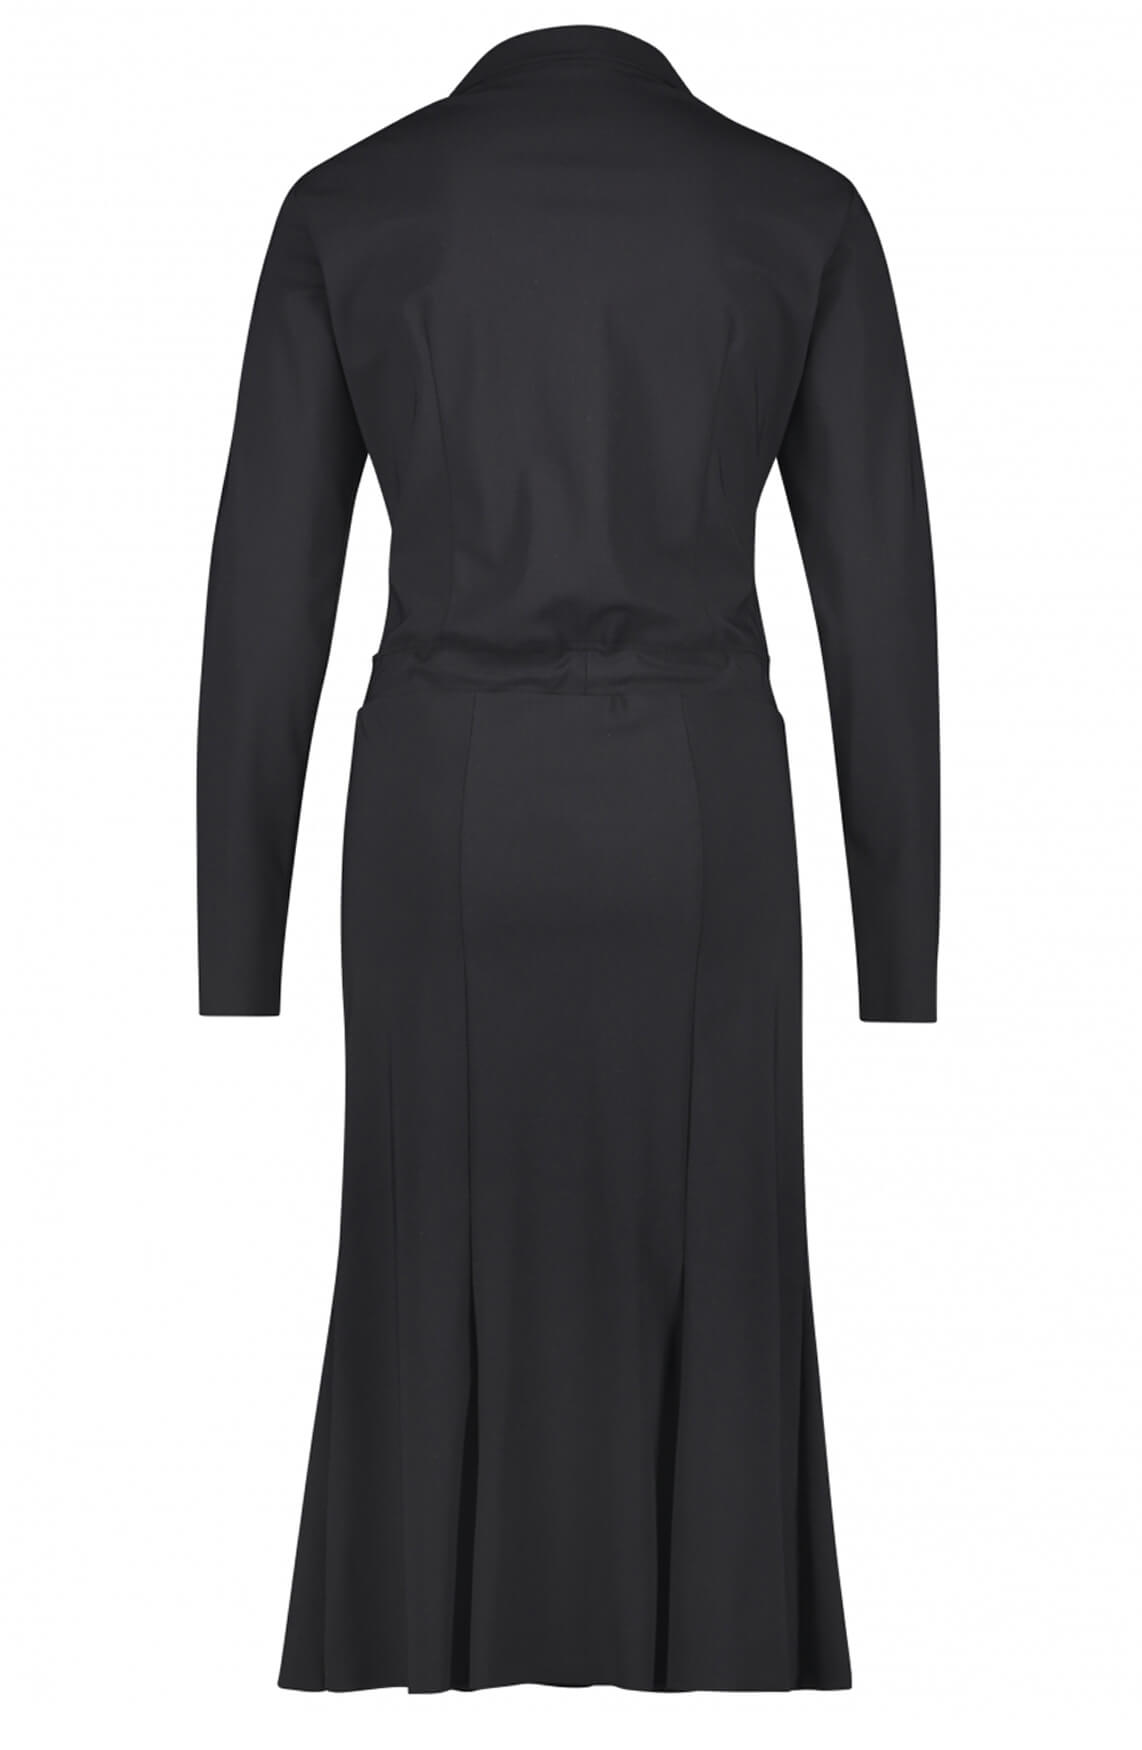 Jane Lushka Dames Rosi jurk zwart